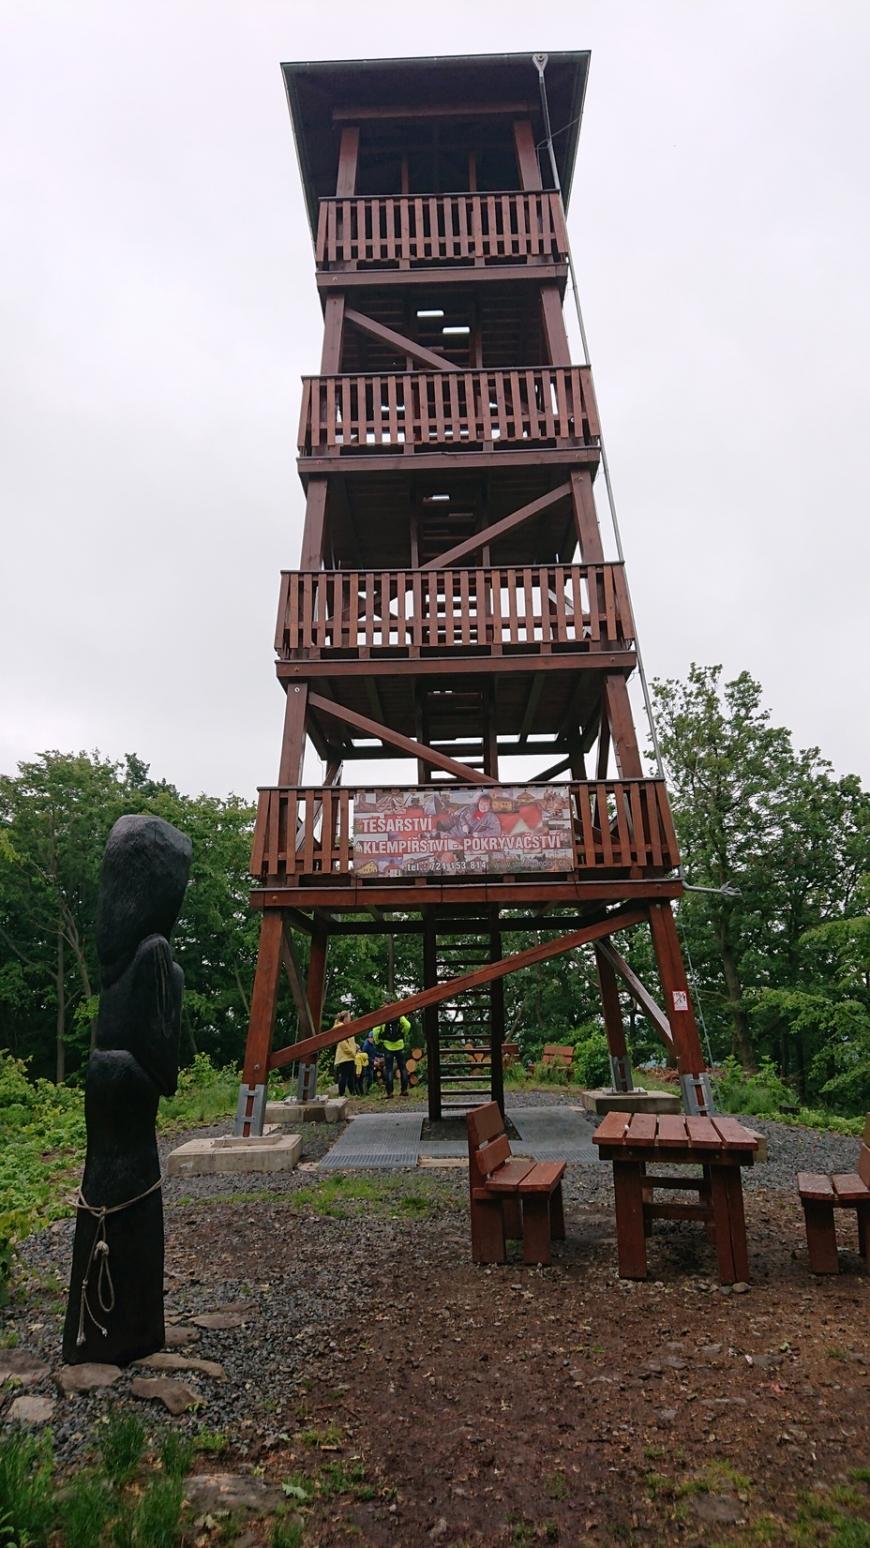 g200606013-Ustecky-masakr-Lucemburkova-rozhledna